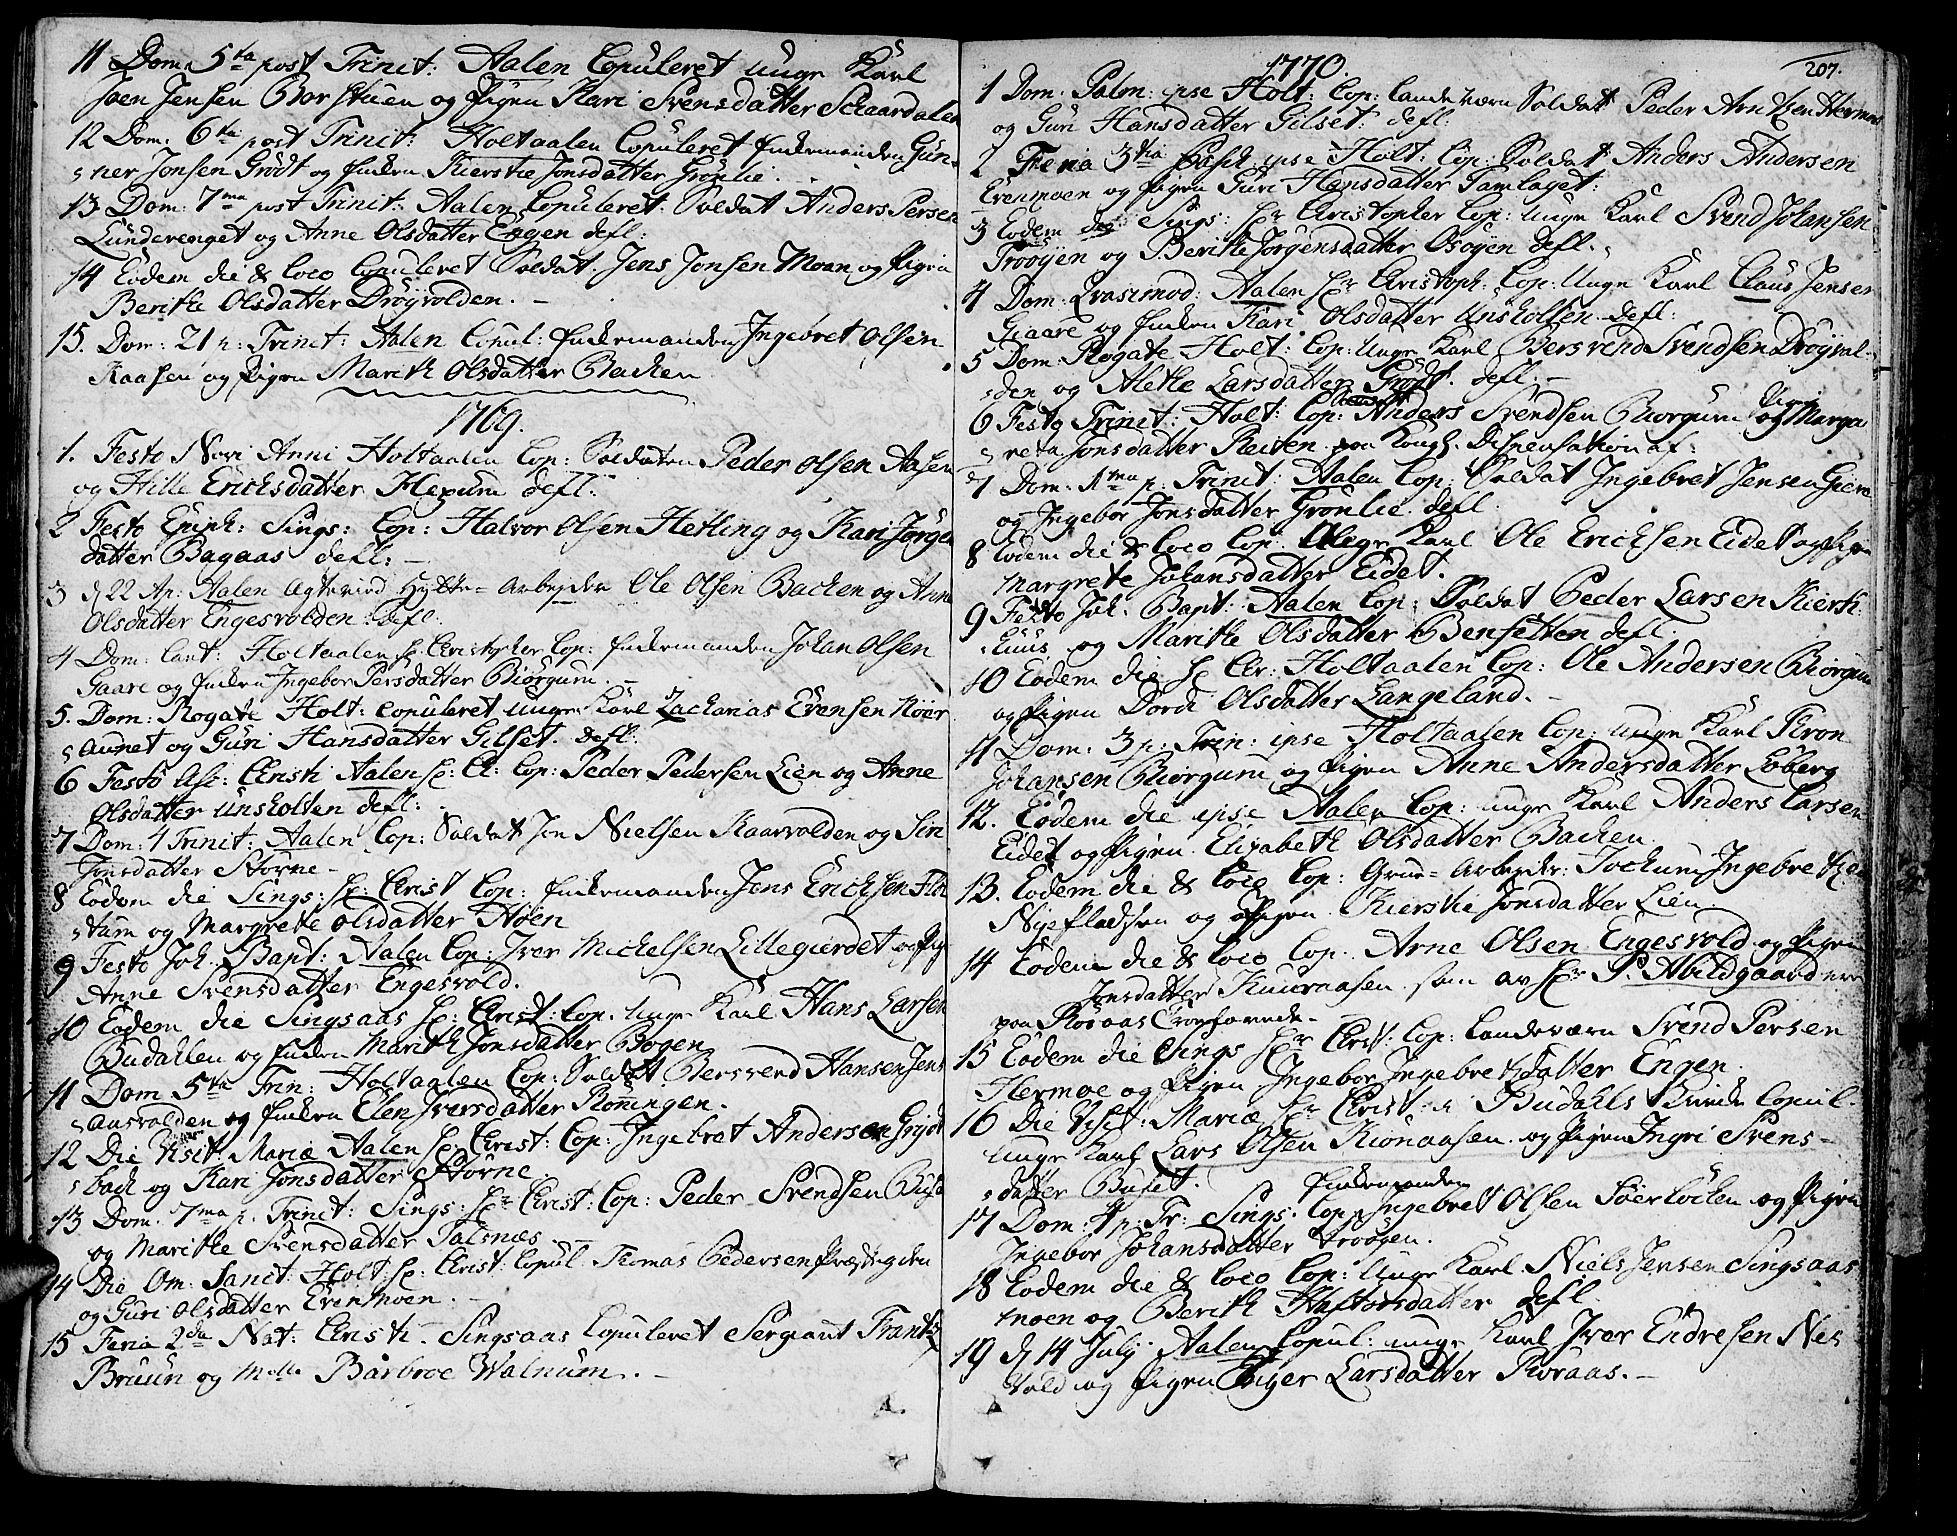 SAT, Ministerialprotokoller, klokkerbøker og fødselsregistre - Sør-Trøndelag, 685/L0952: Ministerialbok nr. 685A01, 1745-1804, s. 207